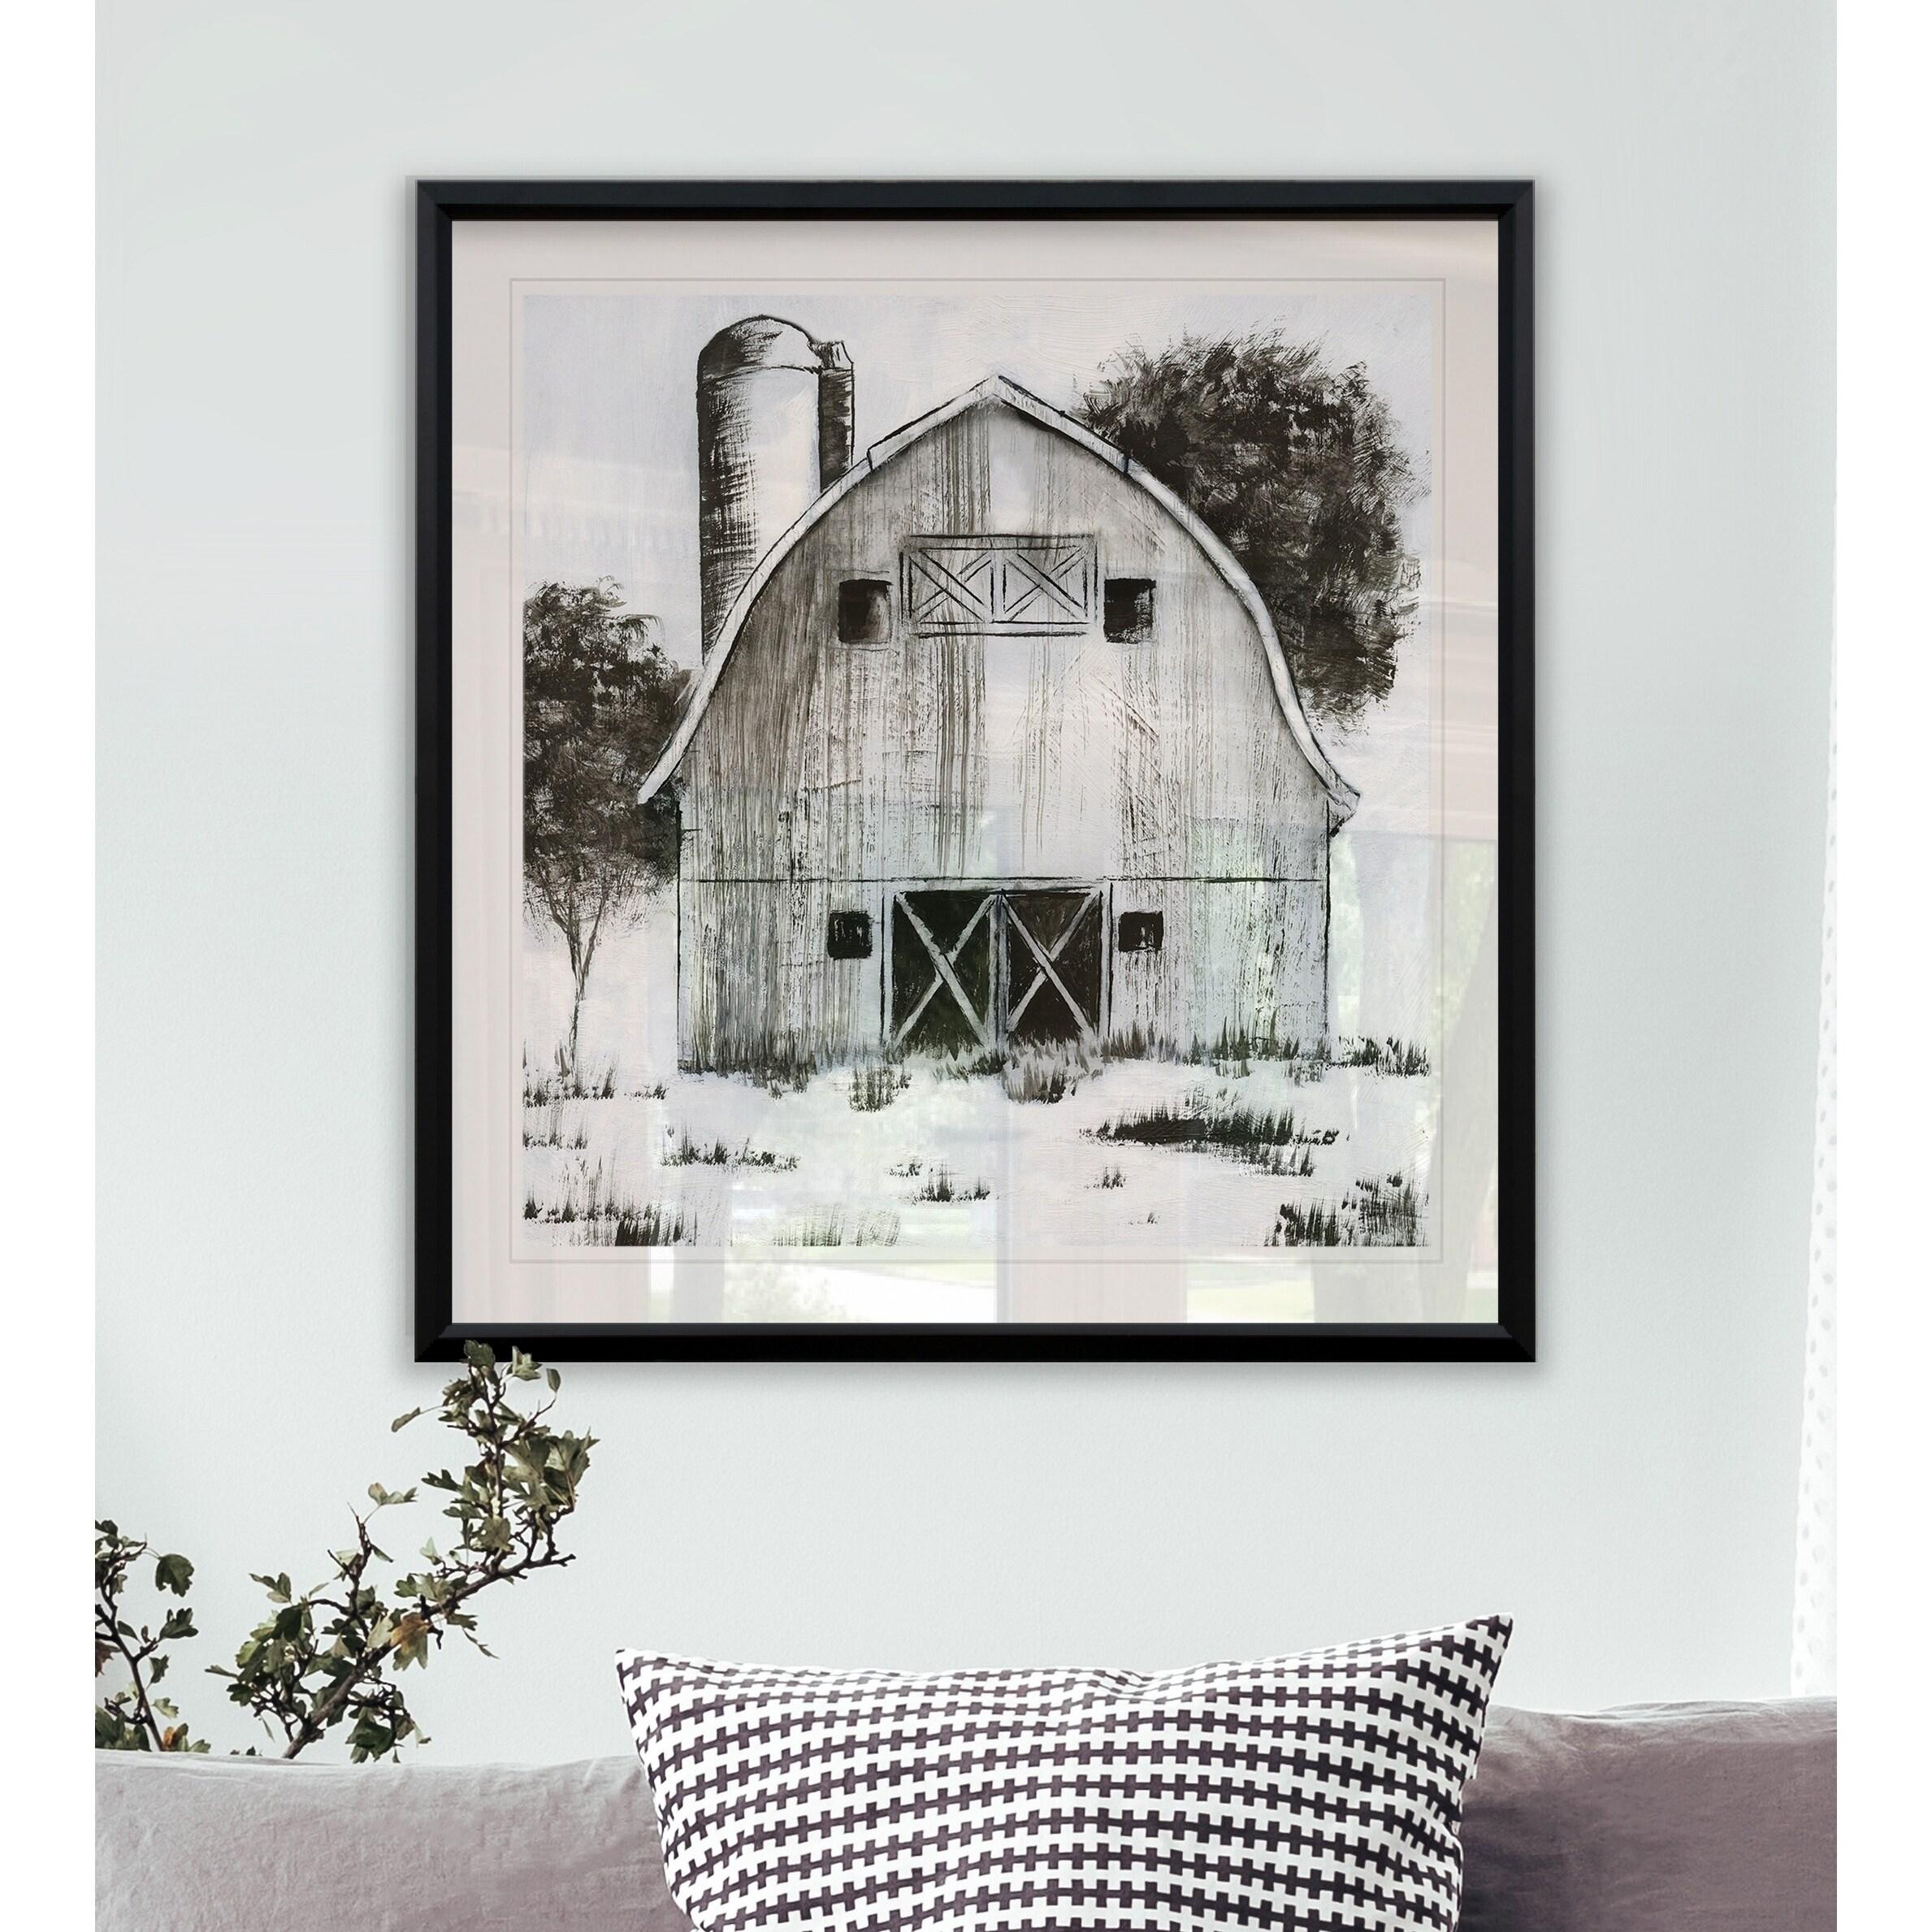 Black White Barn I Framed Giclee Print Overstock 24252361